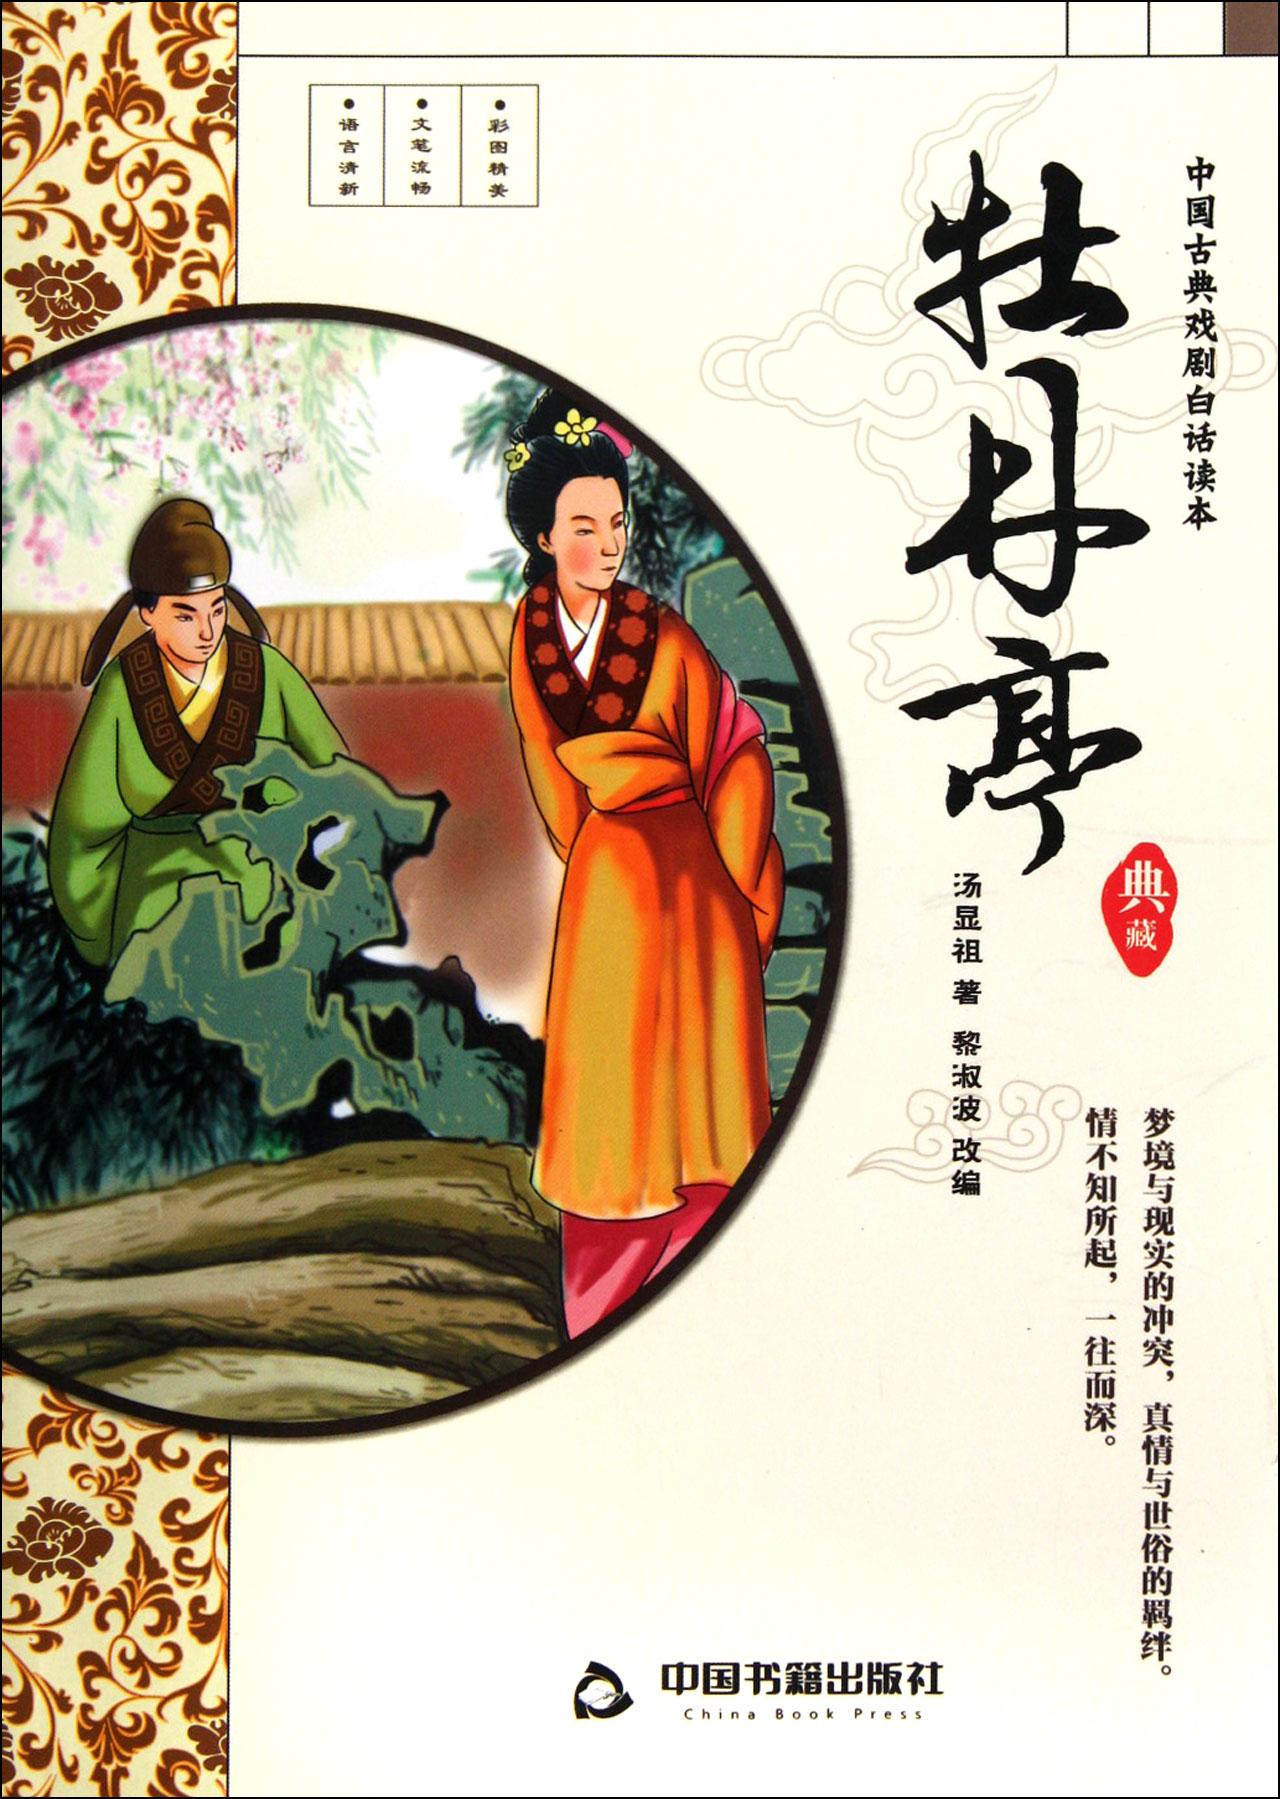 中国近代十大作家 - 香儿 - xianger